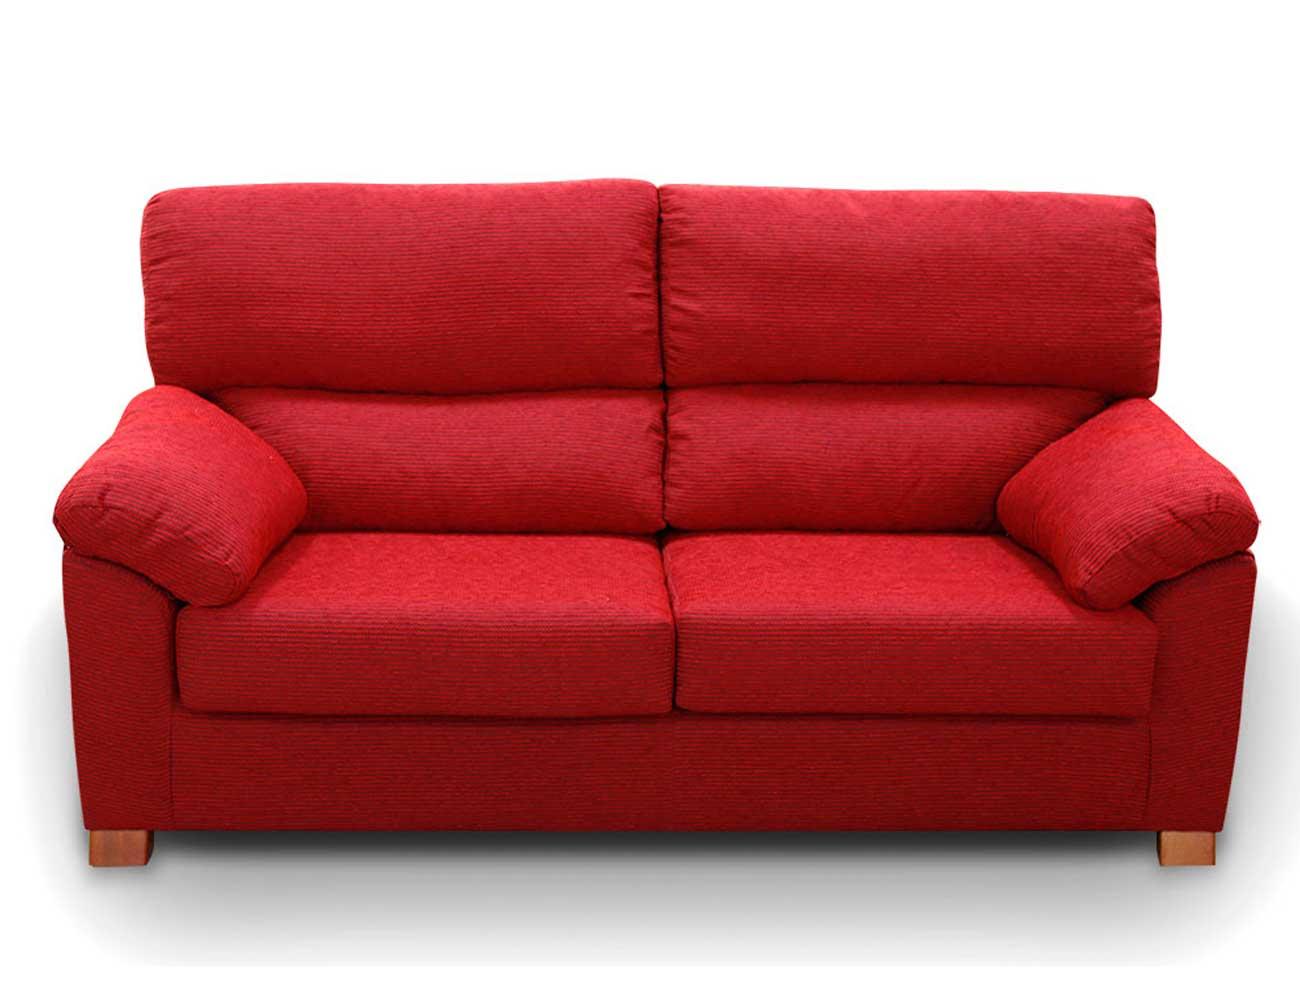 Sofa barato 3 plazas rojo5